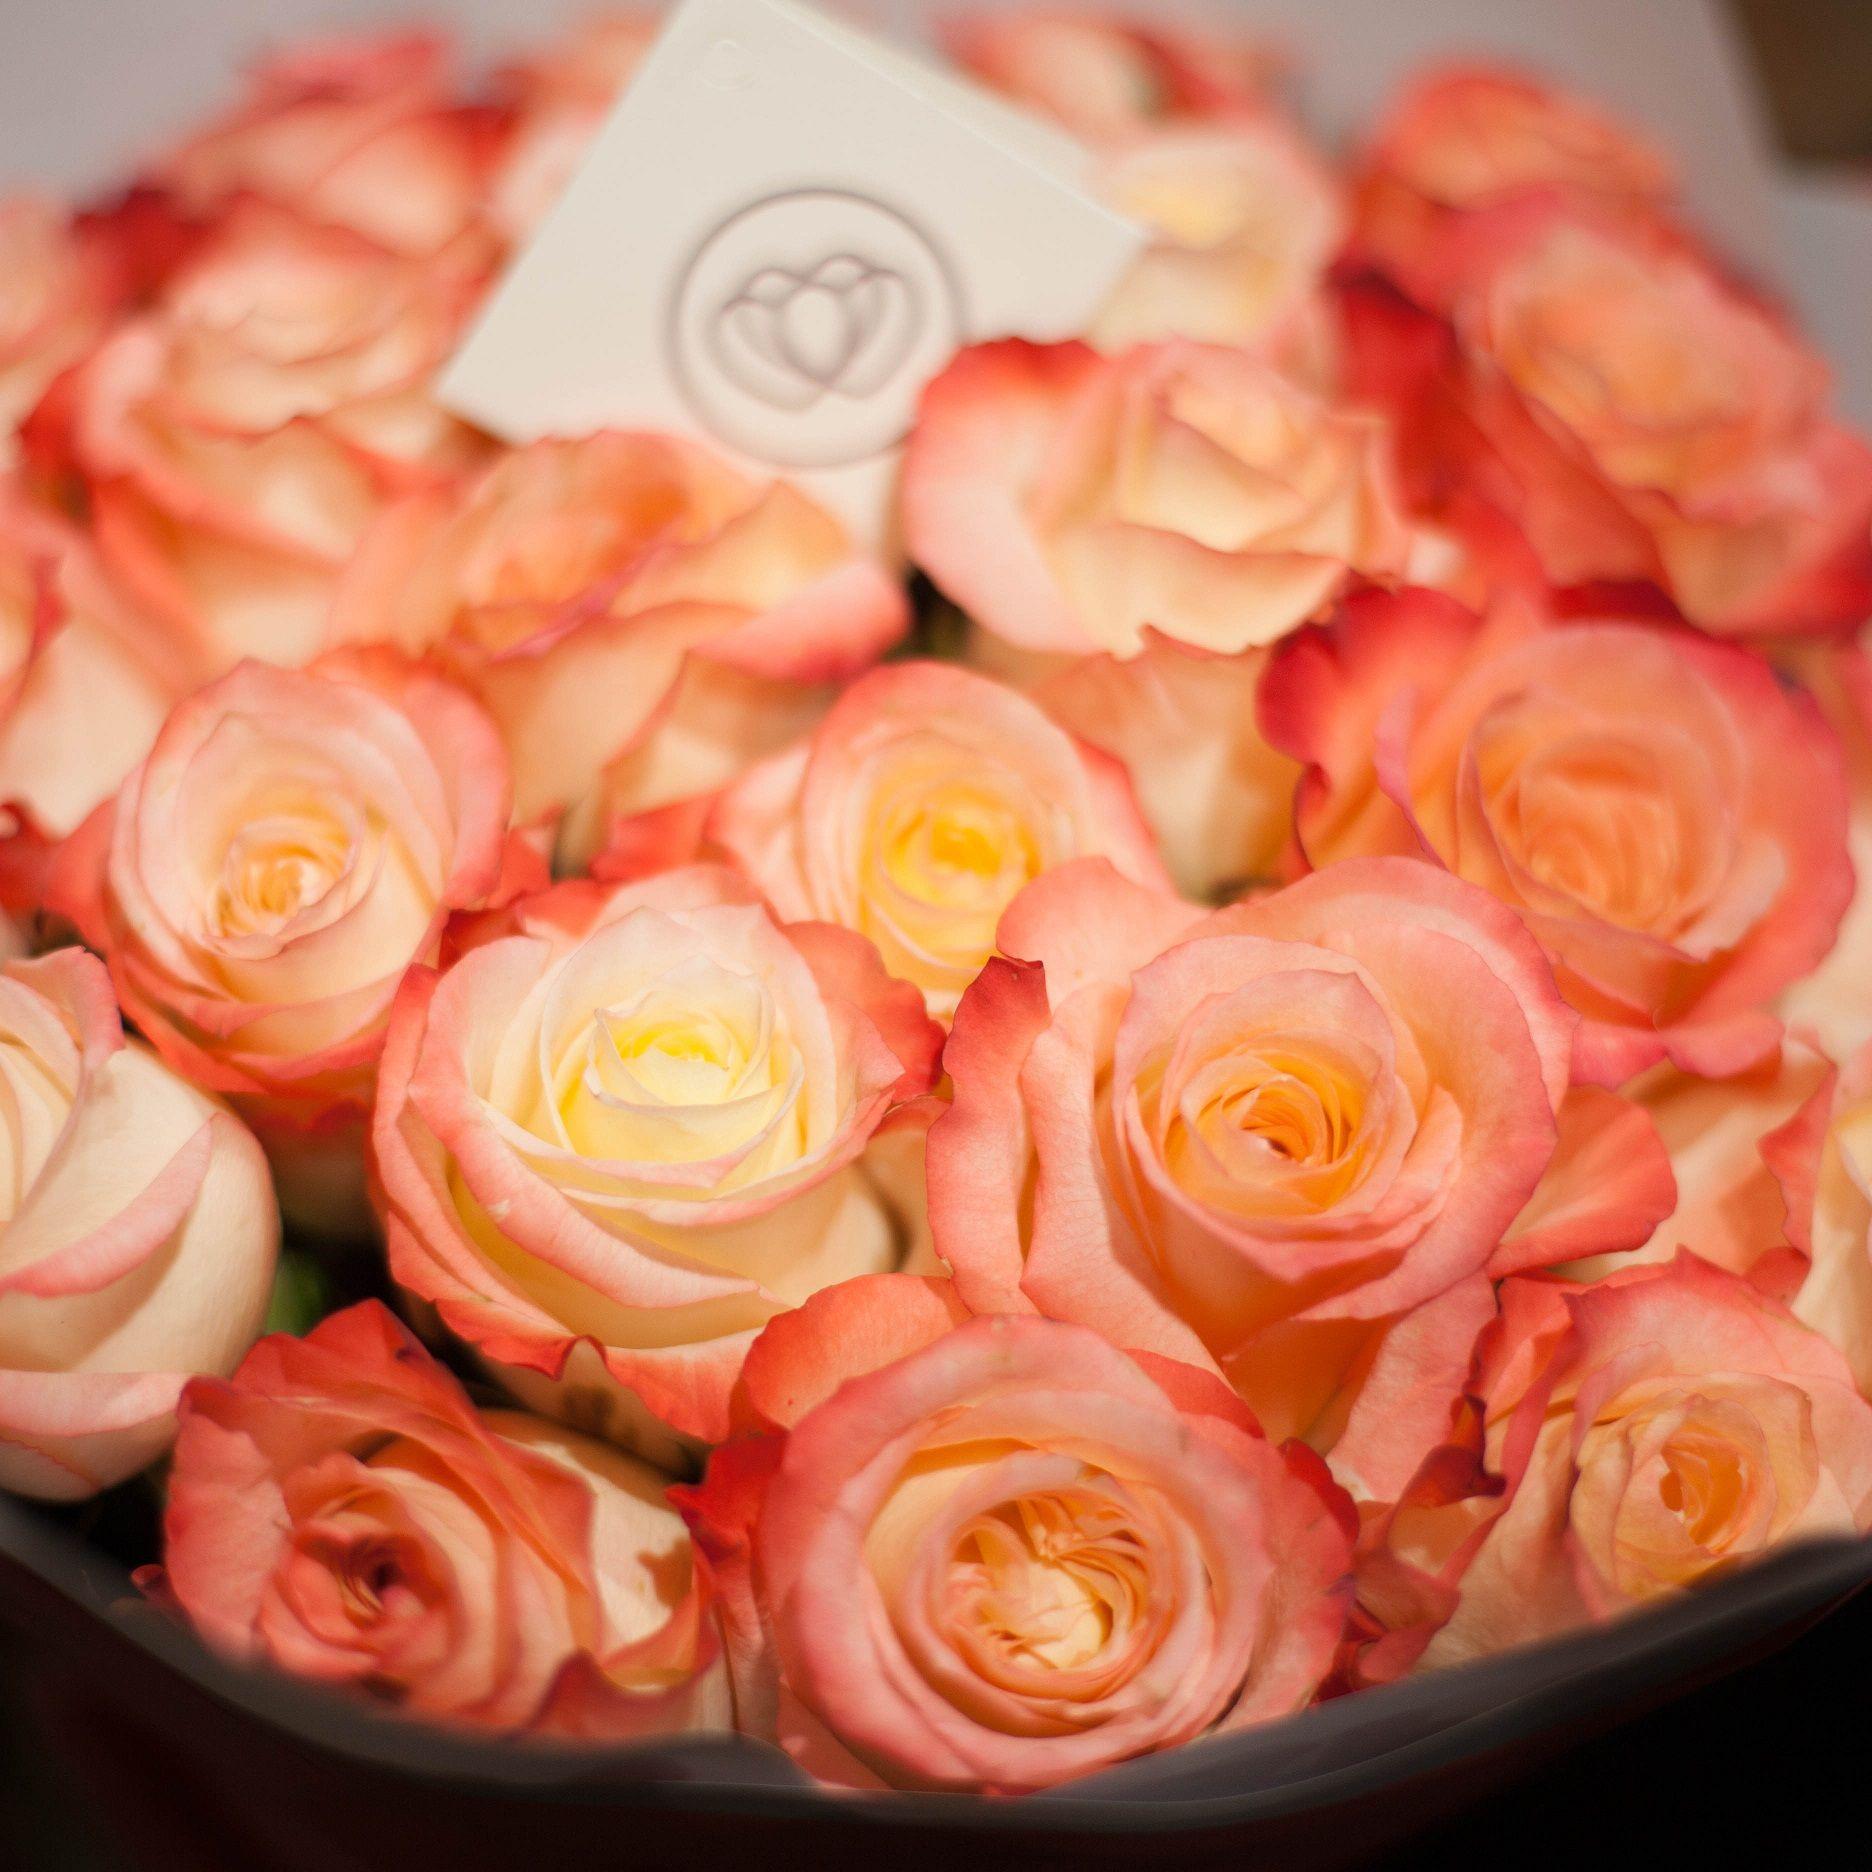 Кремовые с красной каймой розы Cabaret 40 см опт фото